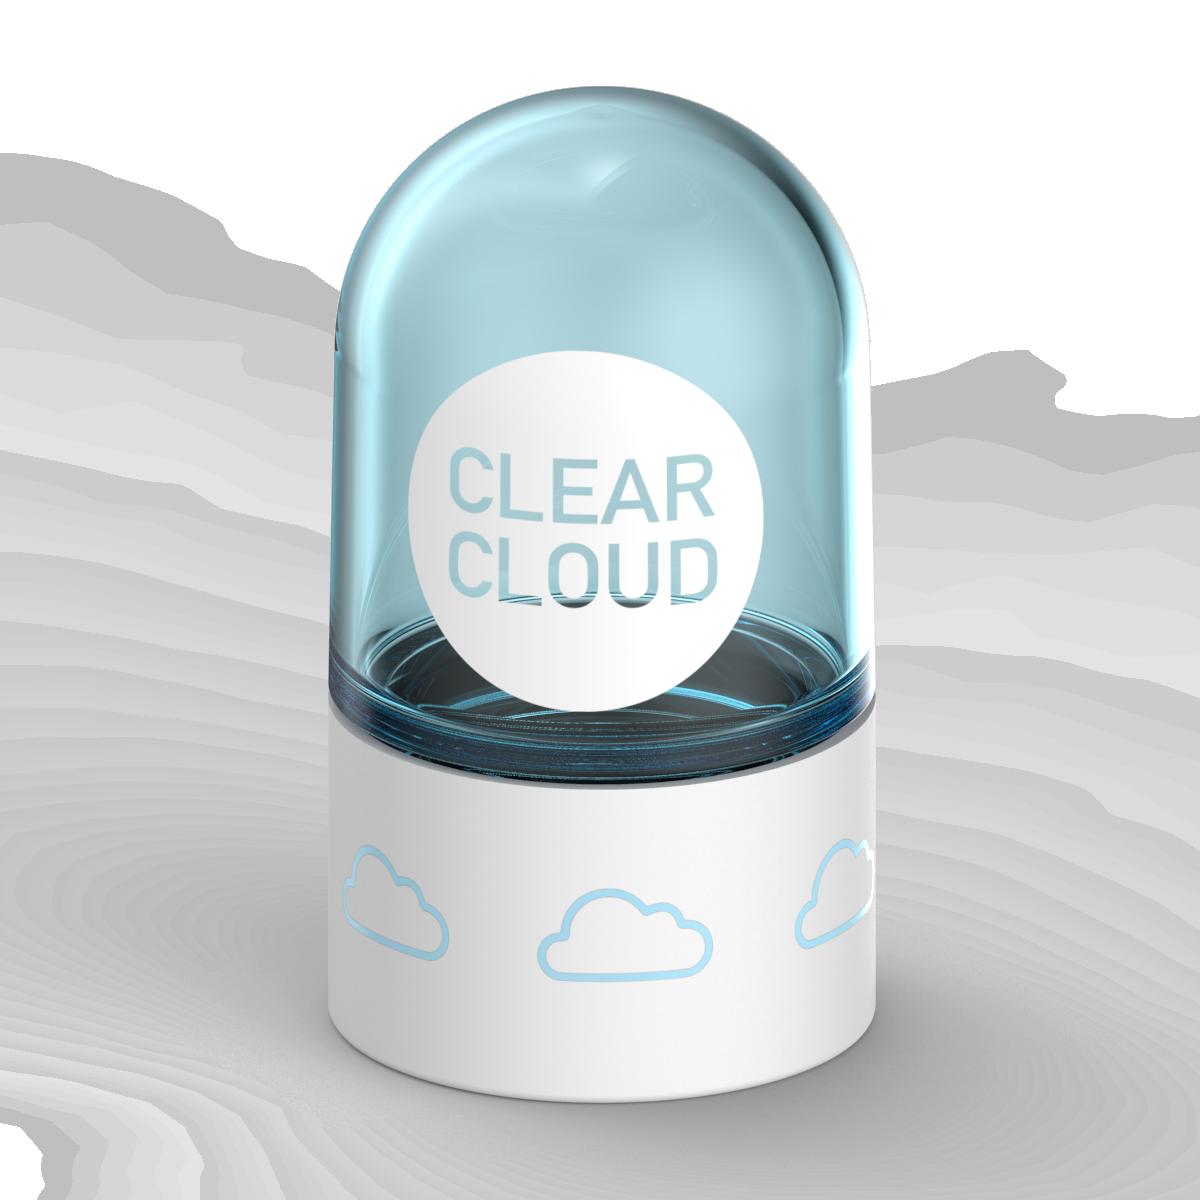 070220_PG_Render_Dome__Cloud